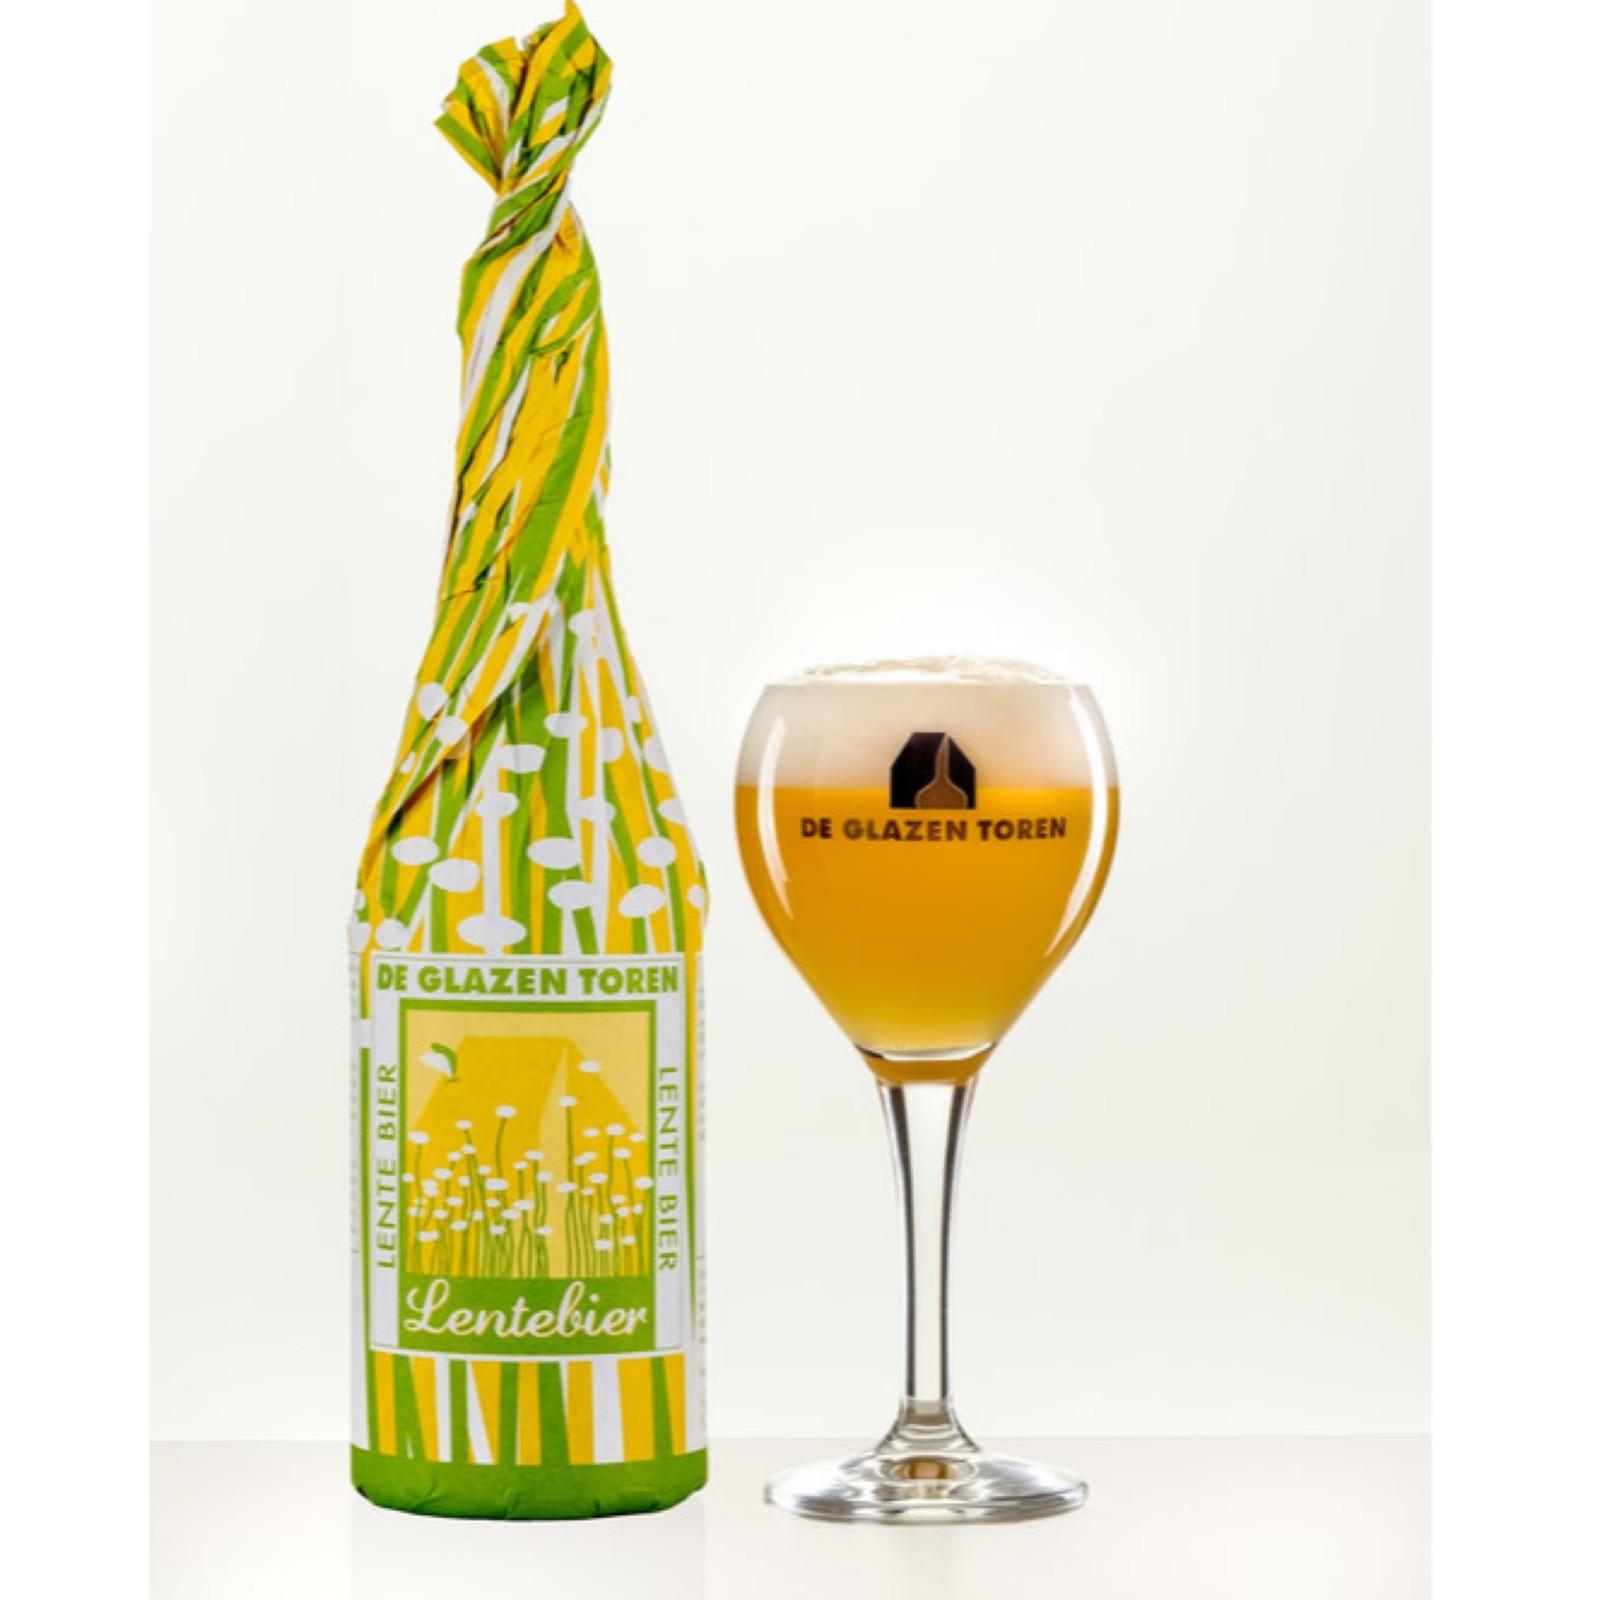 Lentebier - Blond 9% 750ml De Glazen Toren